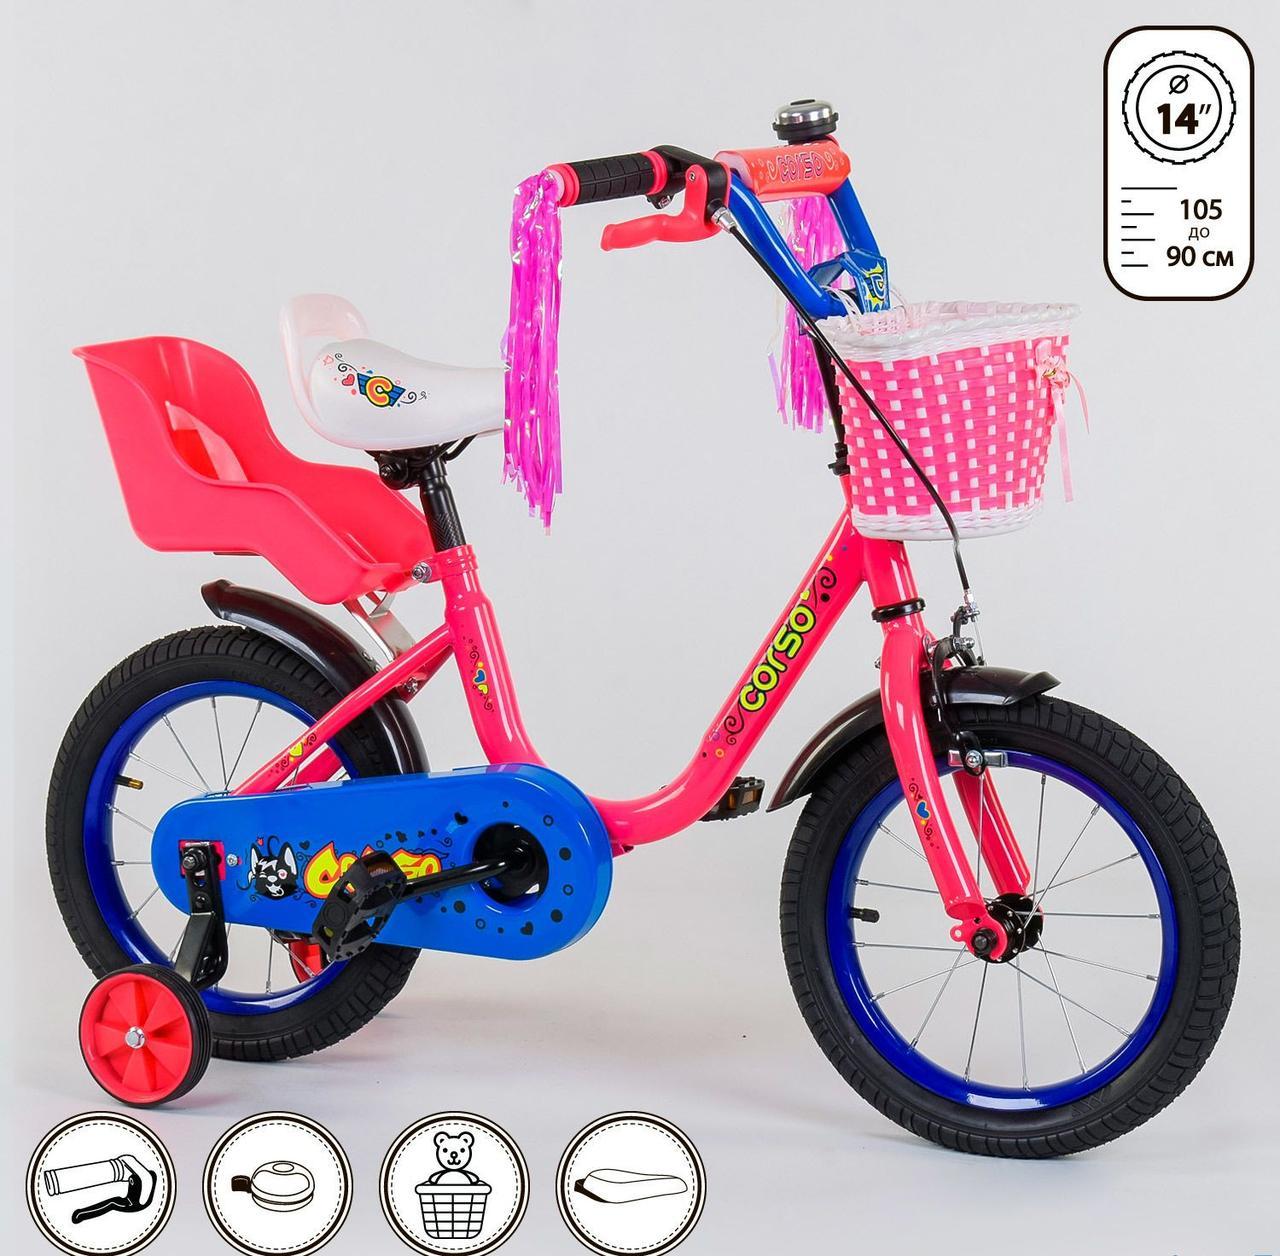 """Велосипед 14"""" дюймов 2-х колёсный G-1489 """"CORSO""""  ручной тормоз, звоночек, сидение с ручкой, доп. колеса"""